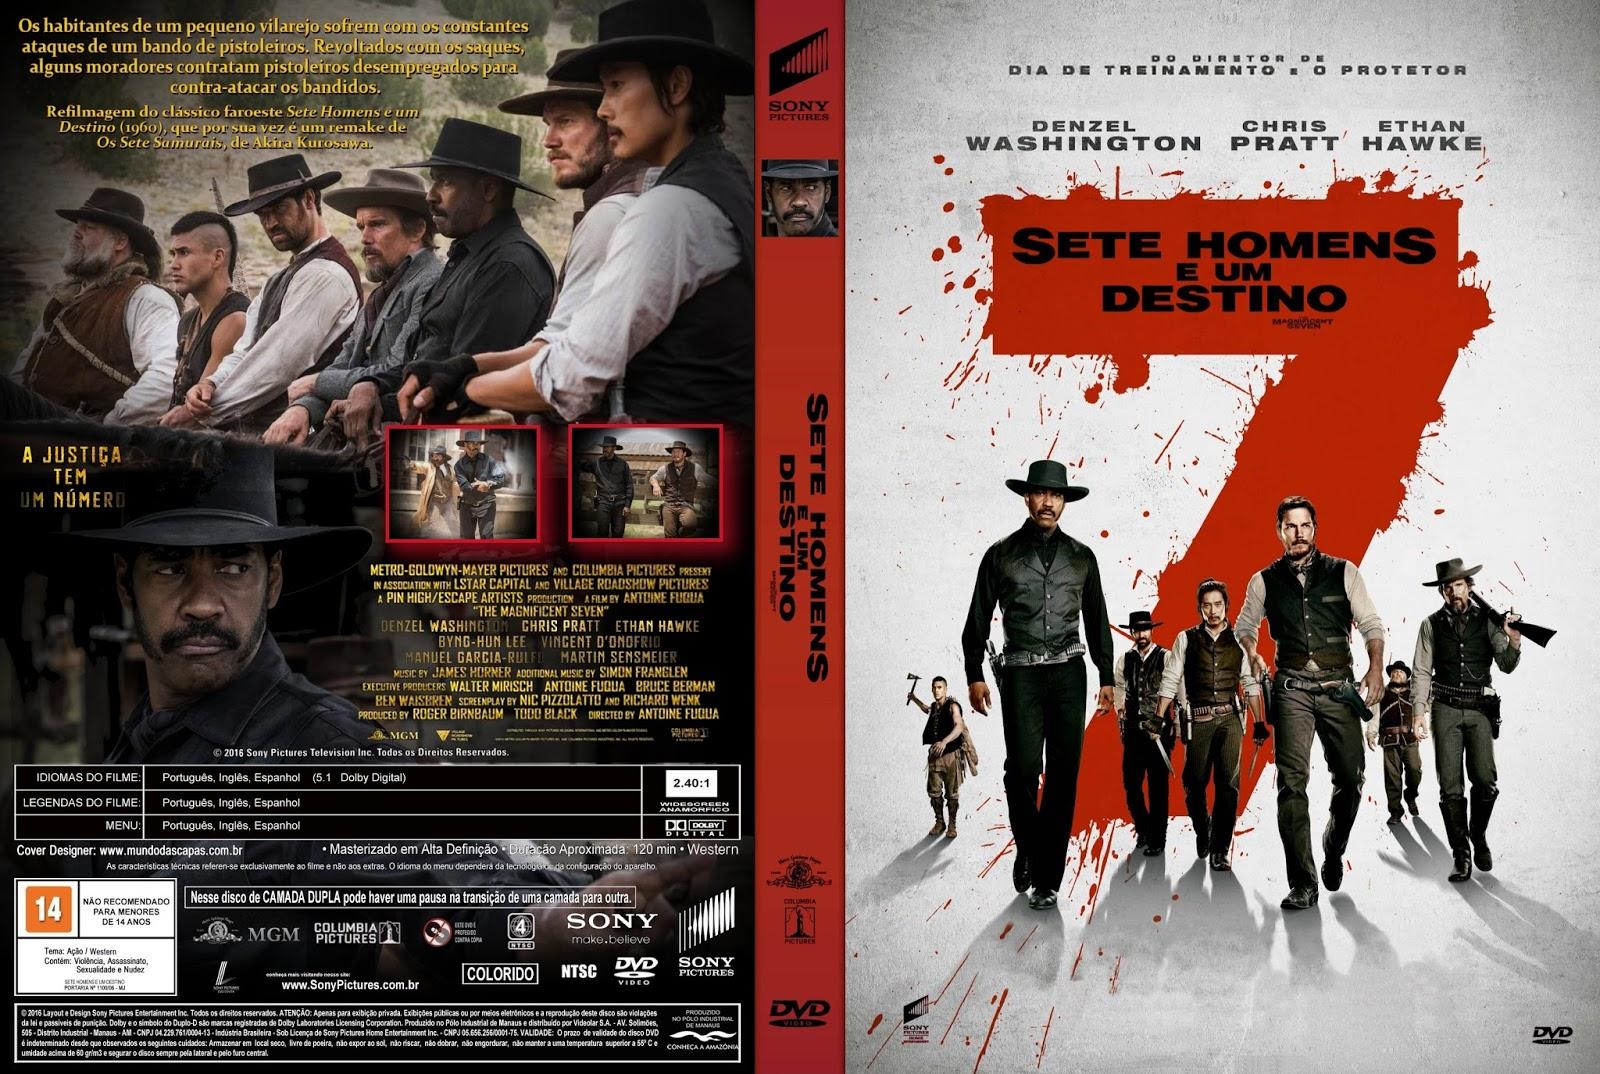 Capa Sete Homens e um Destino Torrent 720p 1080p 4k Dublado Baixar